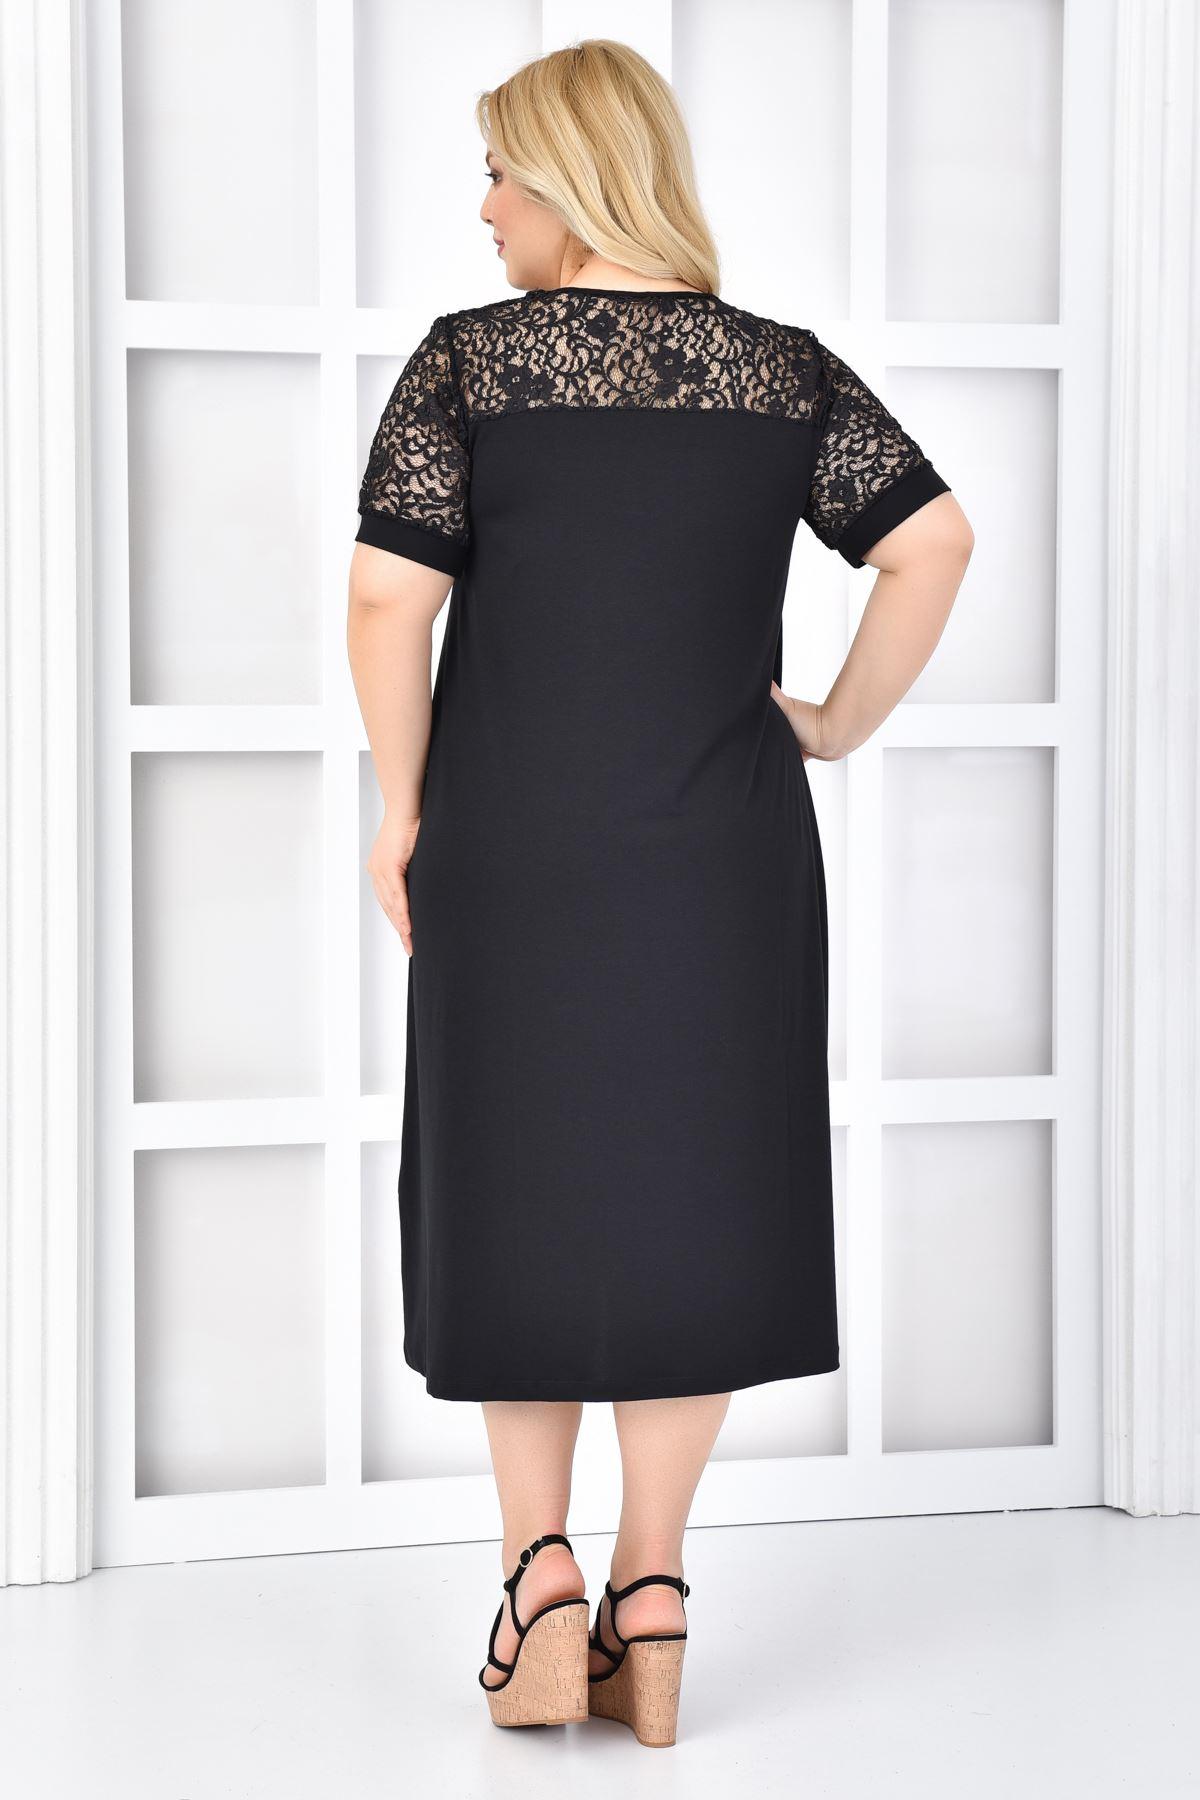 Kadın Siyah Büyük Beden Elbise Dantel